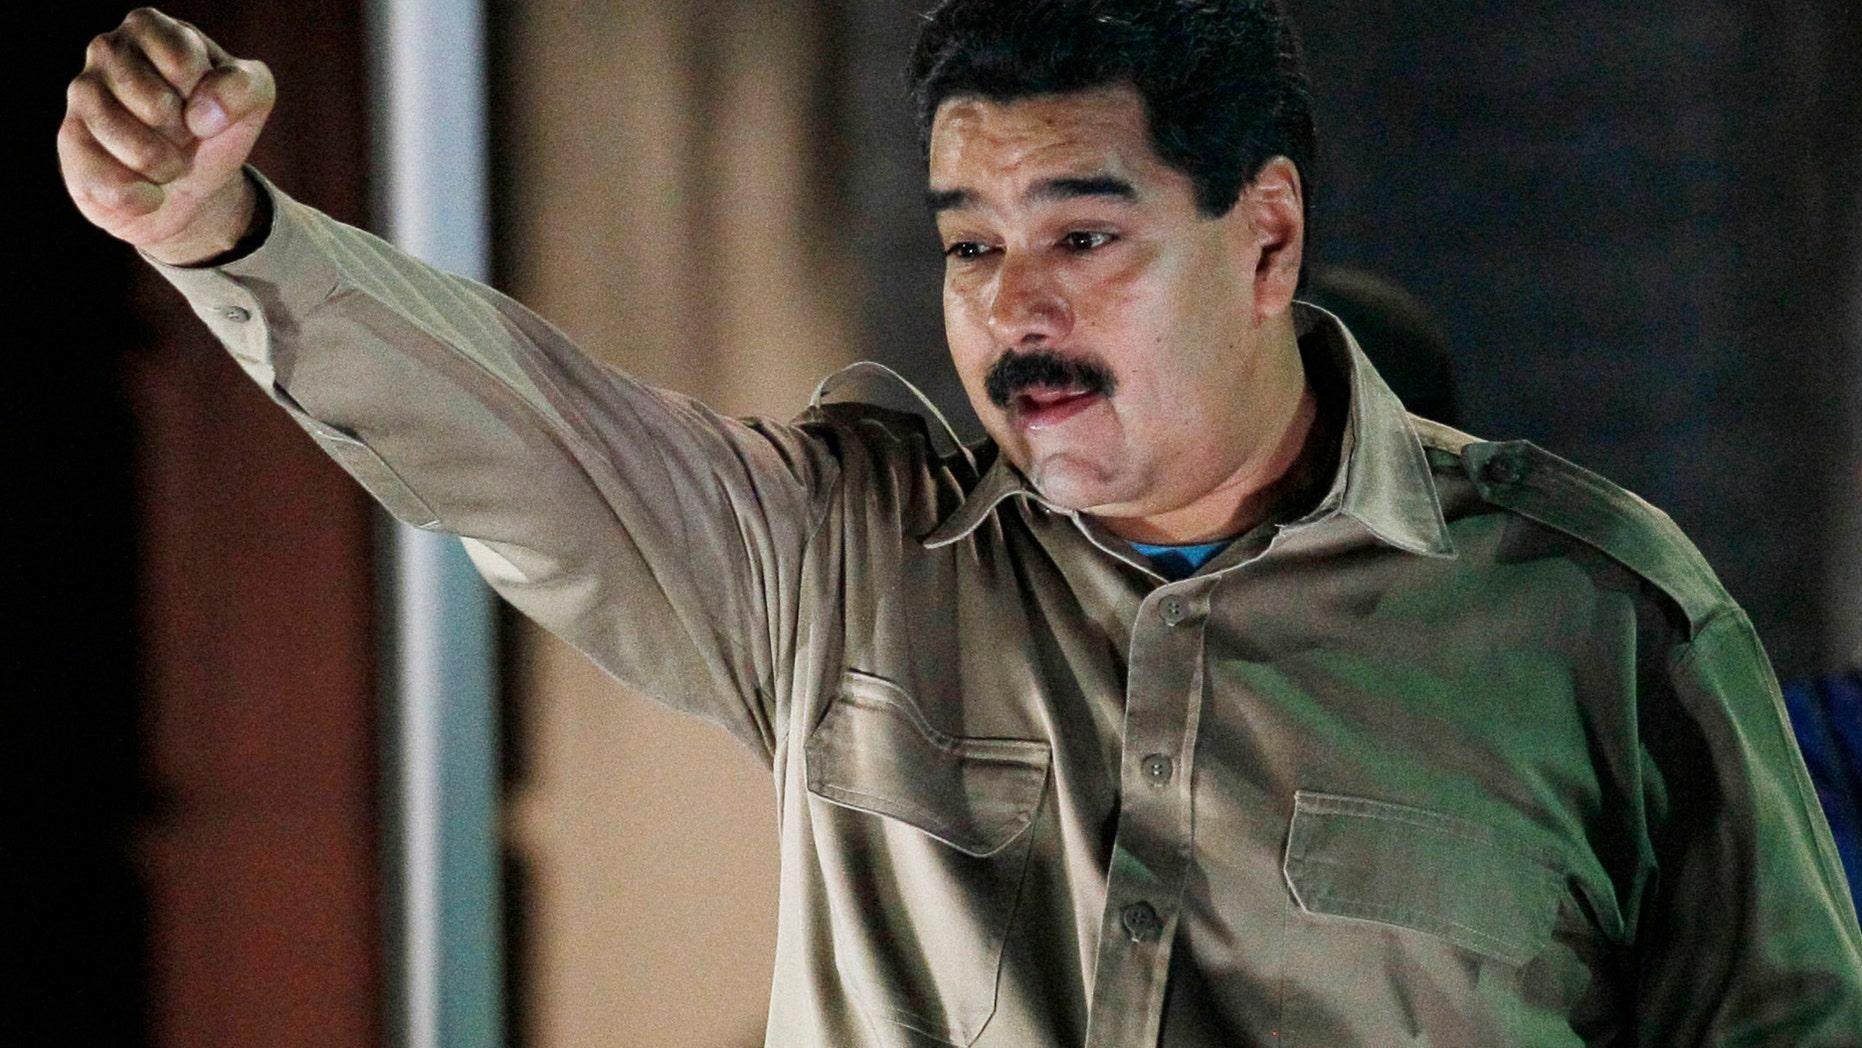 El presidente de Venezuela Nicolás Maduro sostiene los documentos que le otorgan facultades para gobernar por decreto mientras saluda a simpatizantes en el palacio presidencial de Miraflores, en Caracas, Venezuela, el martes 19 de noviembre de 2013. Maduro promulgó dos días después las dos primeras leyes. (AP Foto/Ariana Cubillos)